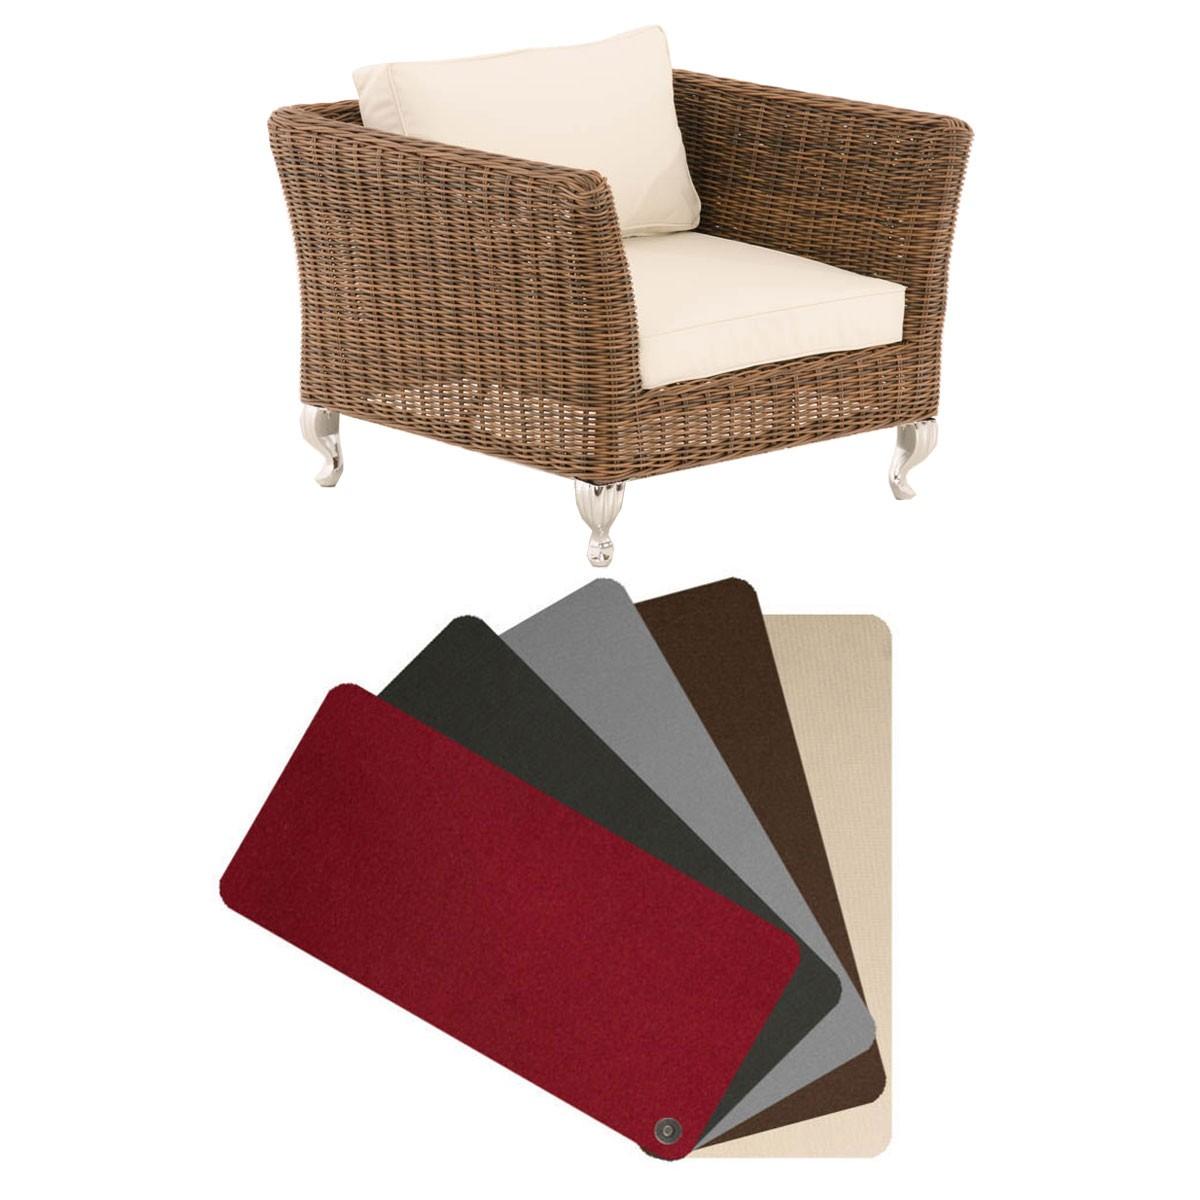 Housse de protection pour fauteuil Moss